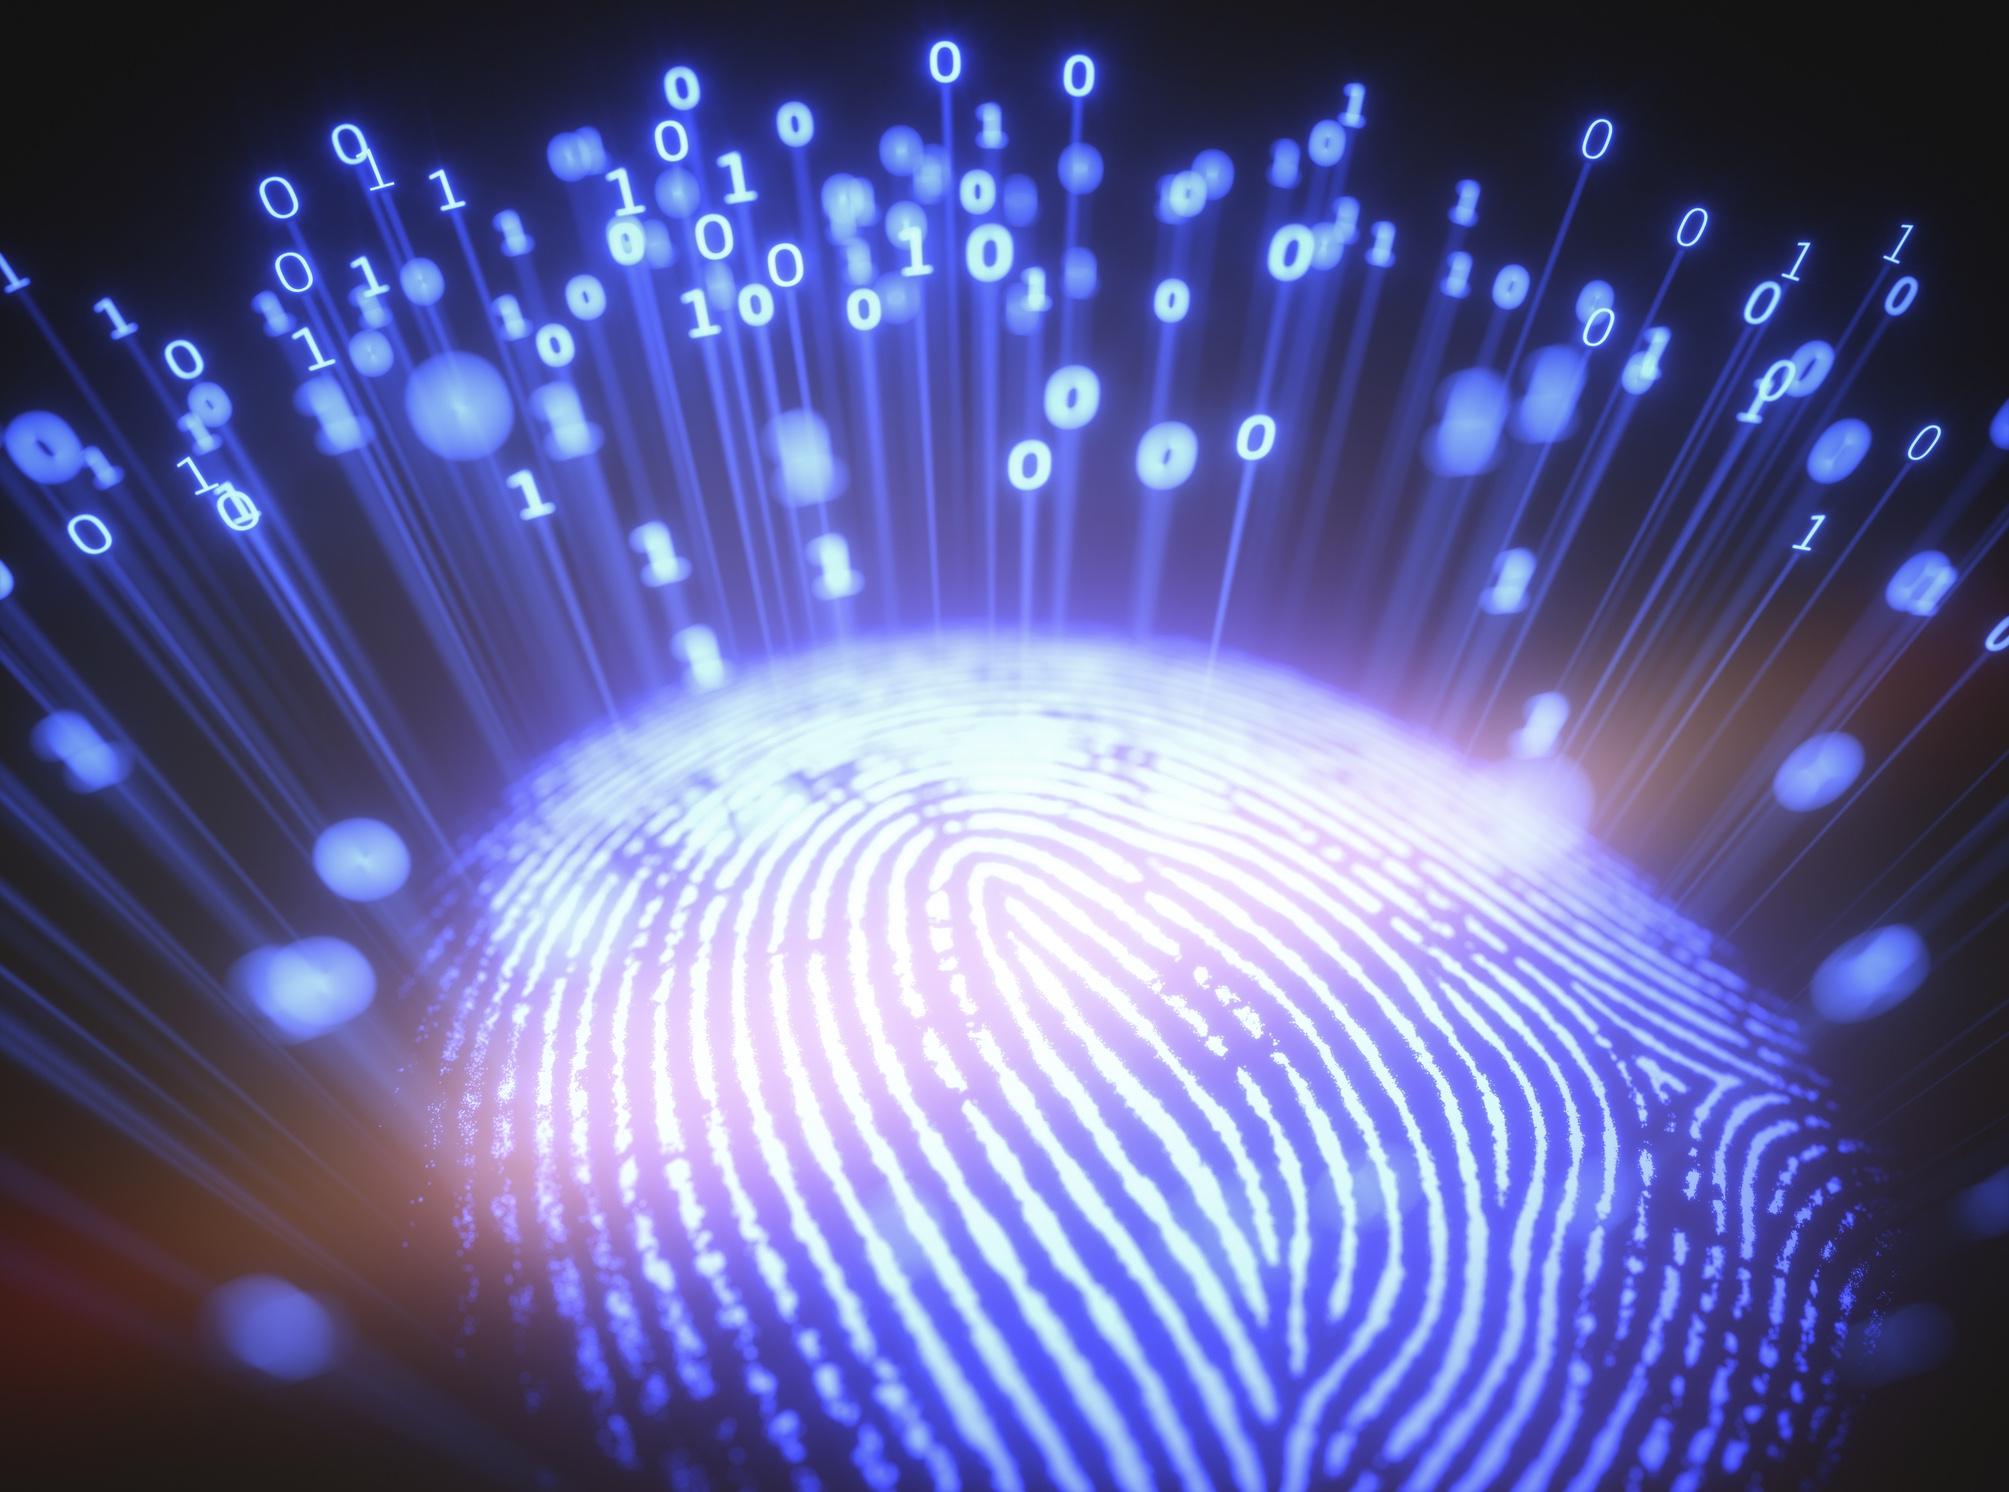 Safari 12 Mac fingerprinting